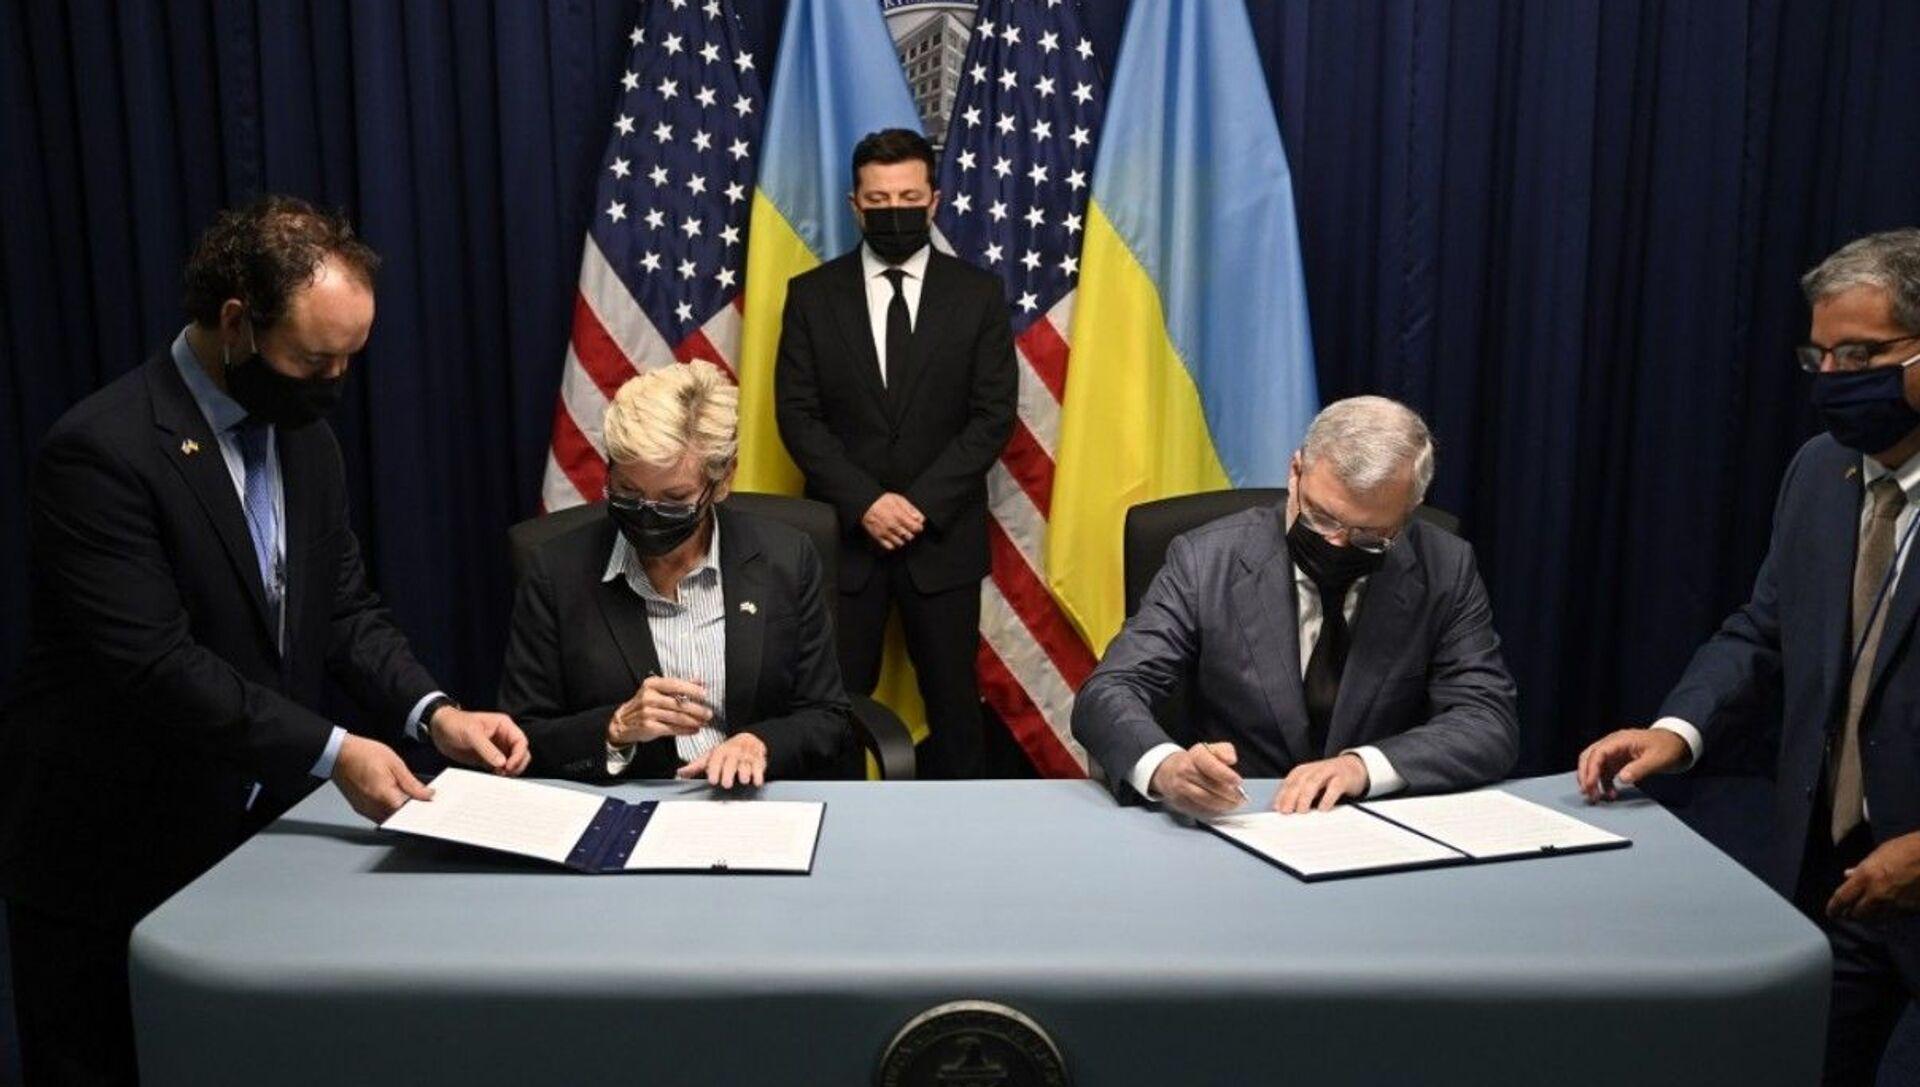 Tổng thống Ukraina Vladimir Zelenskyy tại buổi ký kết các văn kiện trong chuyến thăm Mỹ - Sputnik Việt Nam, 1920, 16.09.2021